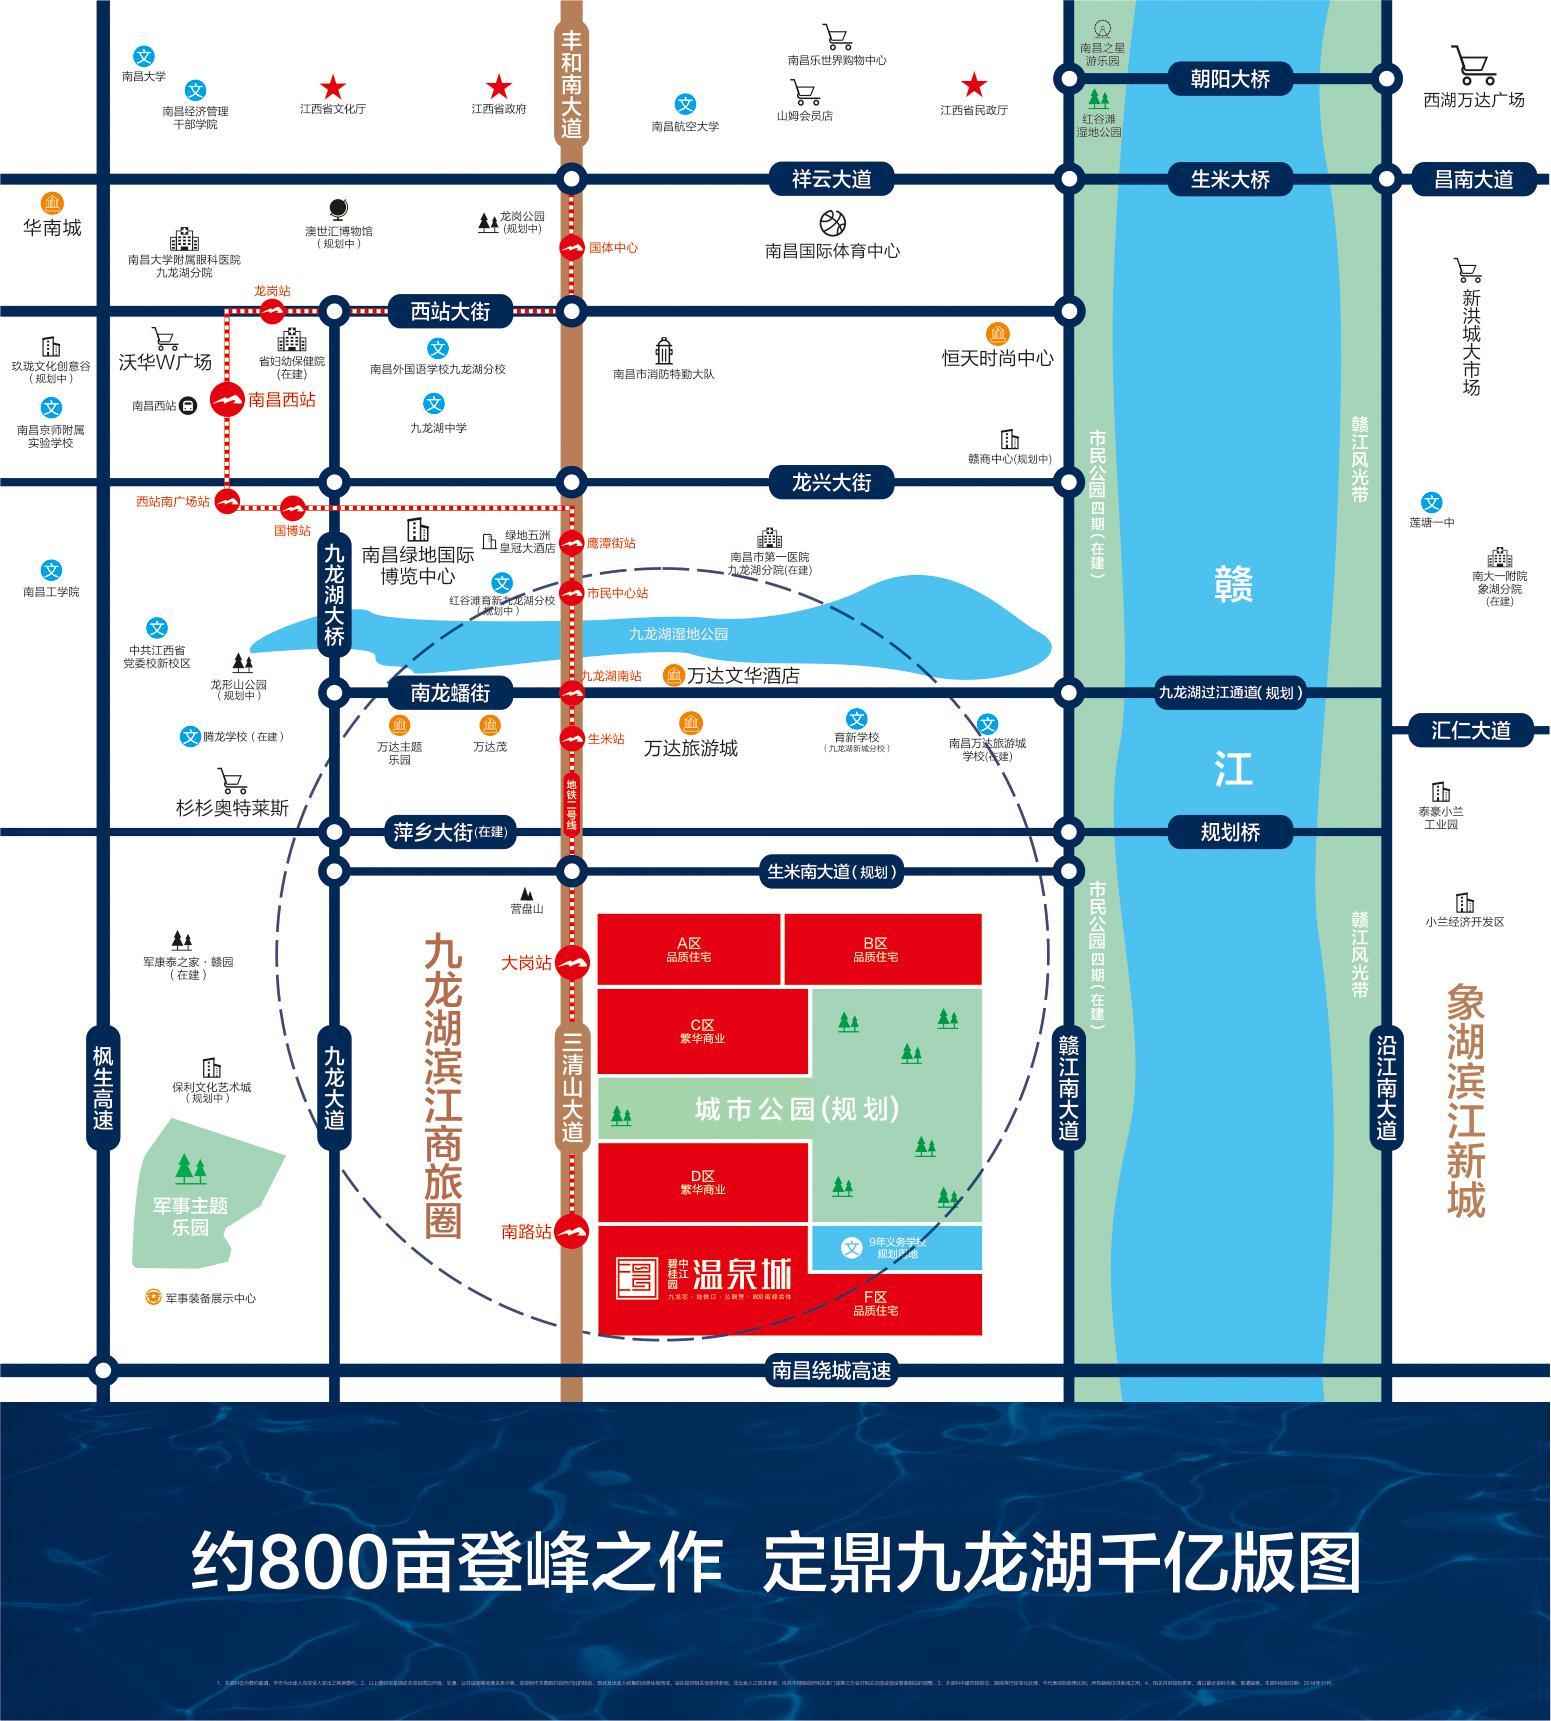 南昌碧桂园中江温泉城交通图图片